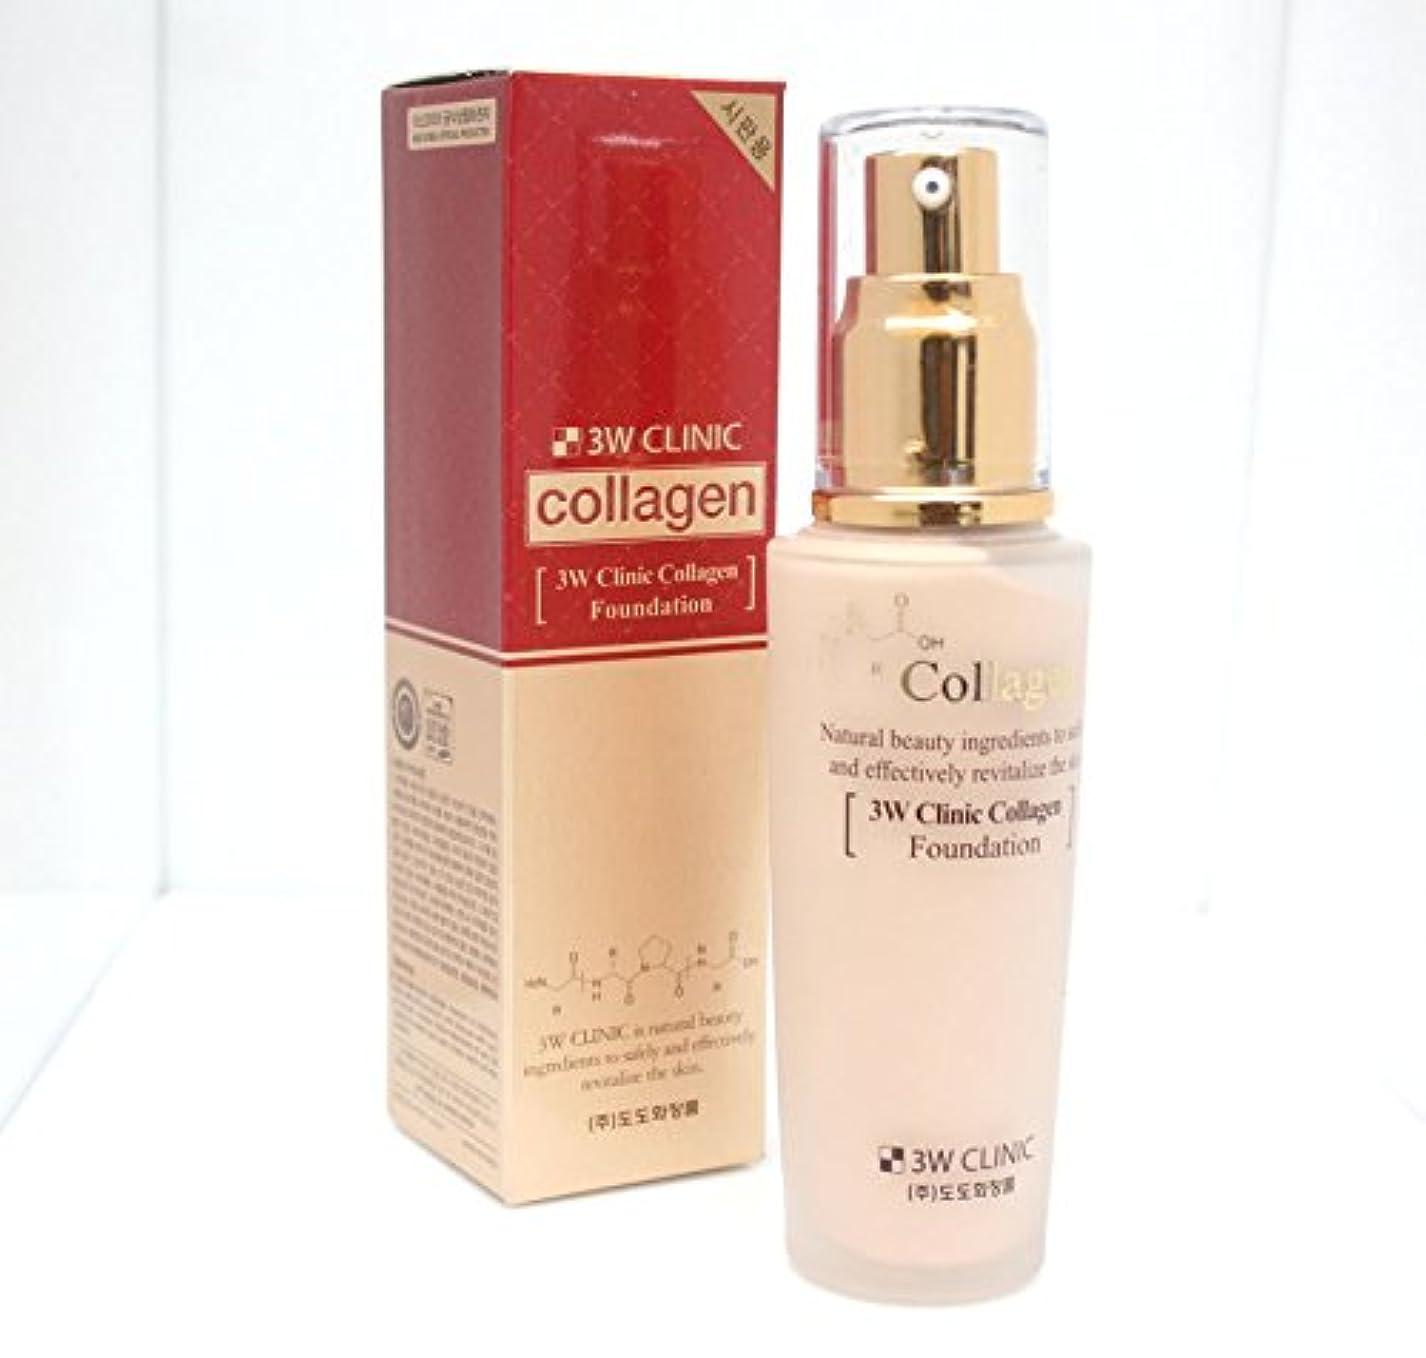 広告するパッケージ転倒[3w Clinic]  コラーゲンファンデーション50ml / Collagen Foundation 50ml/ パーフェクトカバーBBクリーム / 21クリアベージュ / Perfect Cover BB Cream...